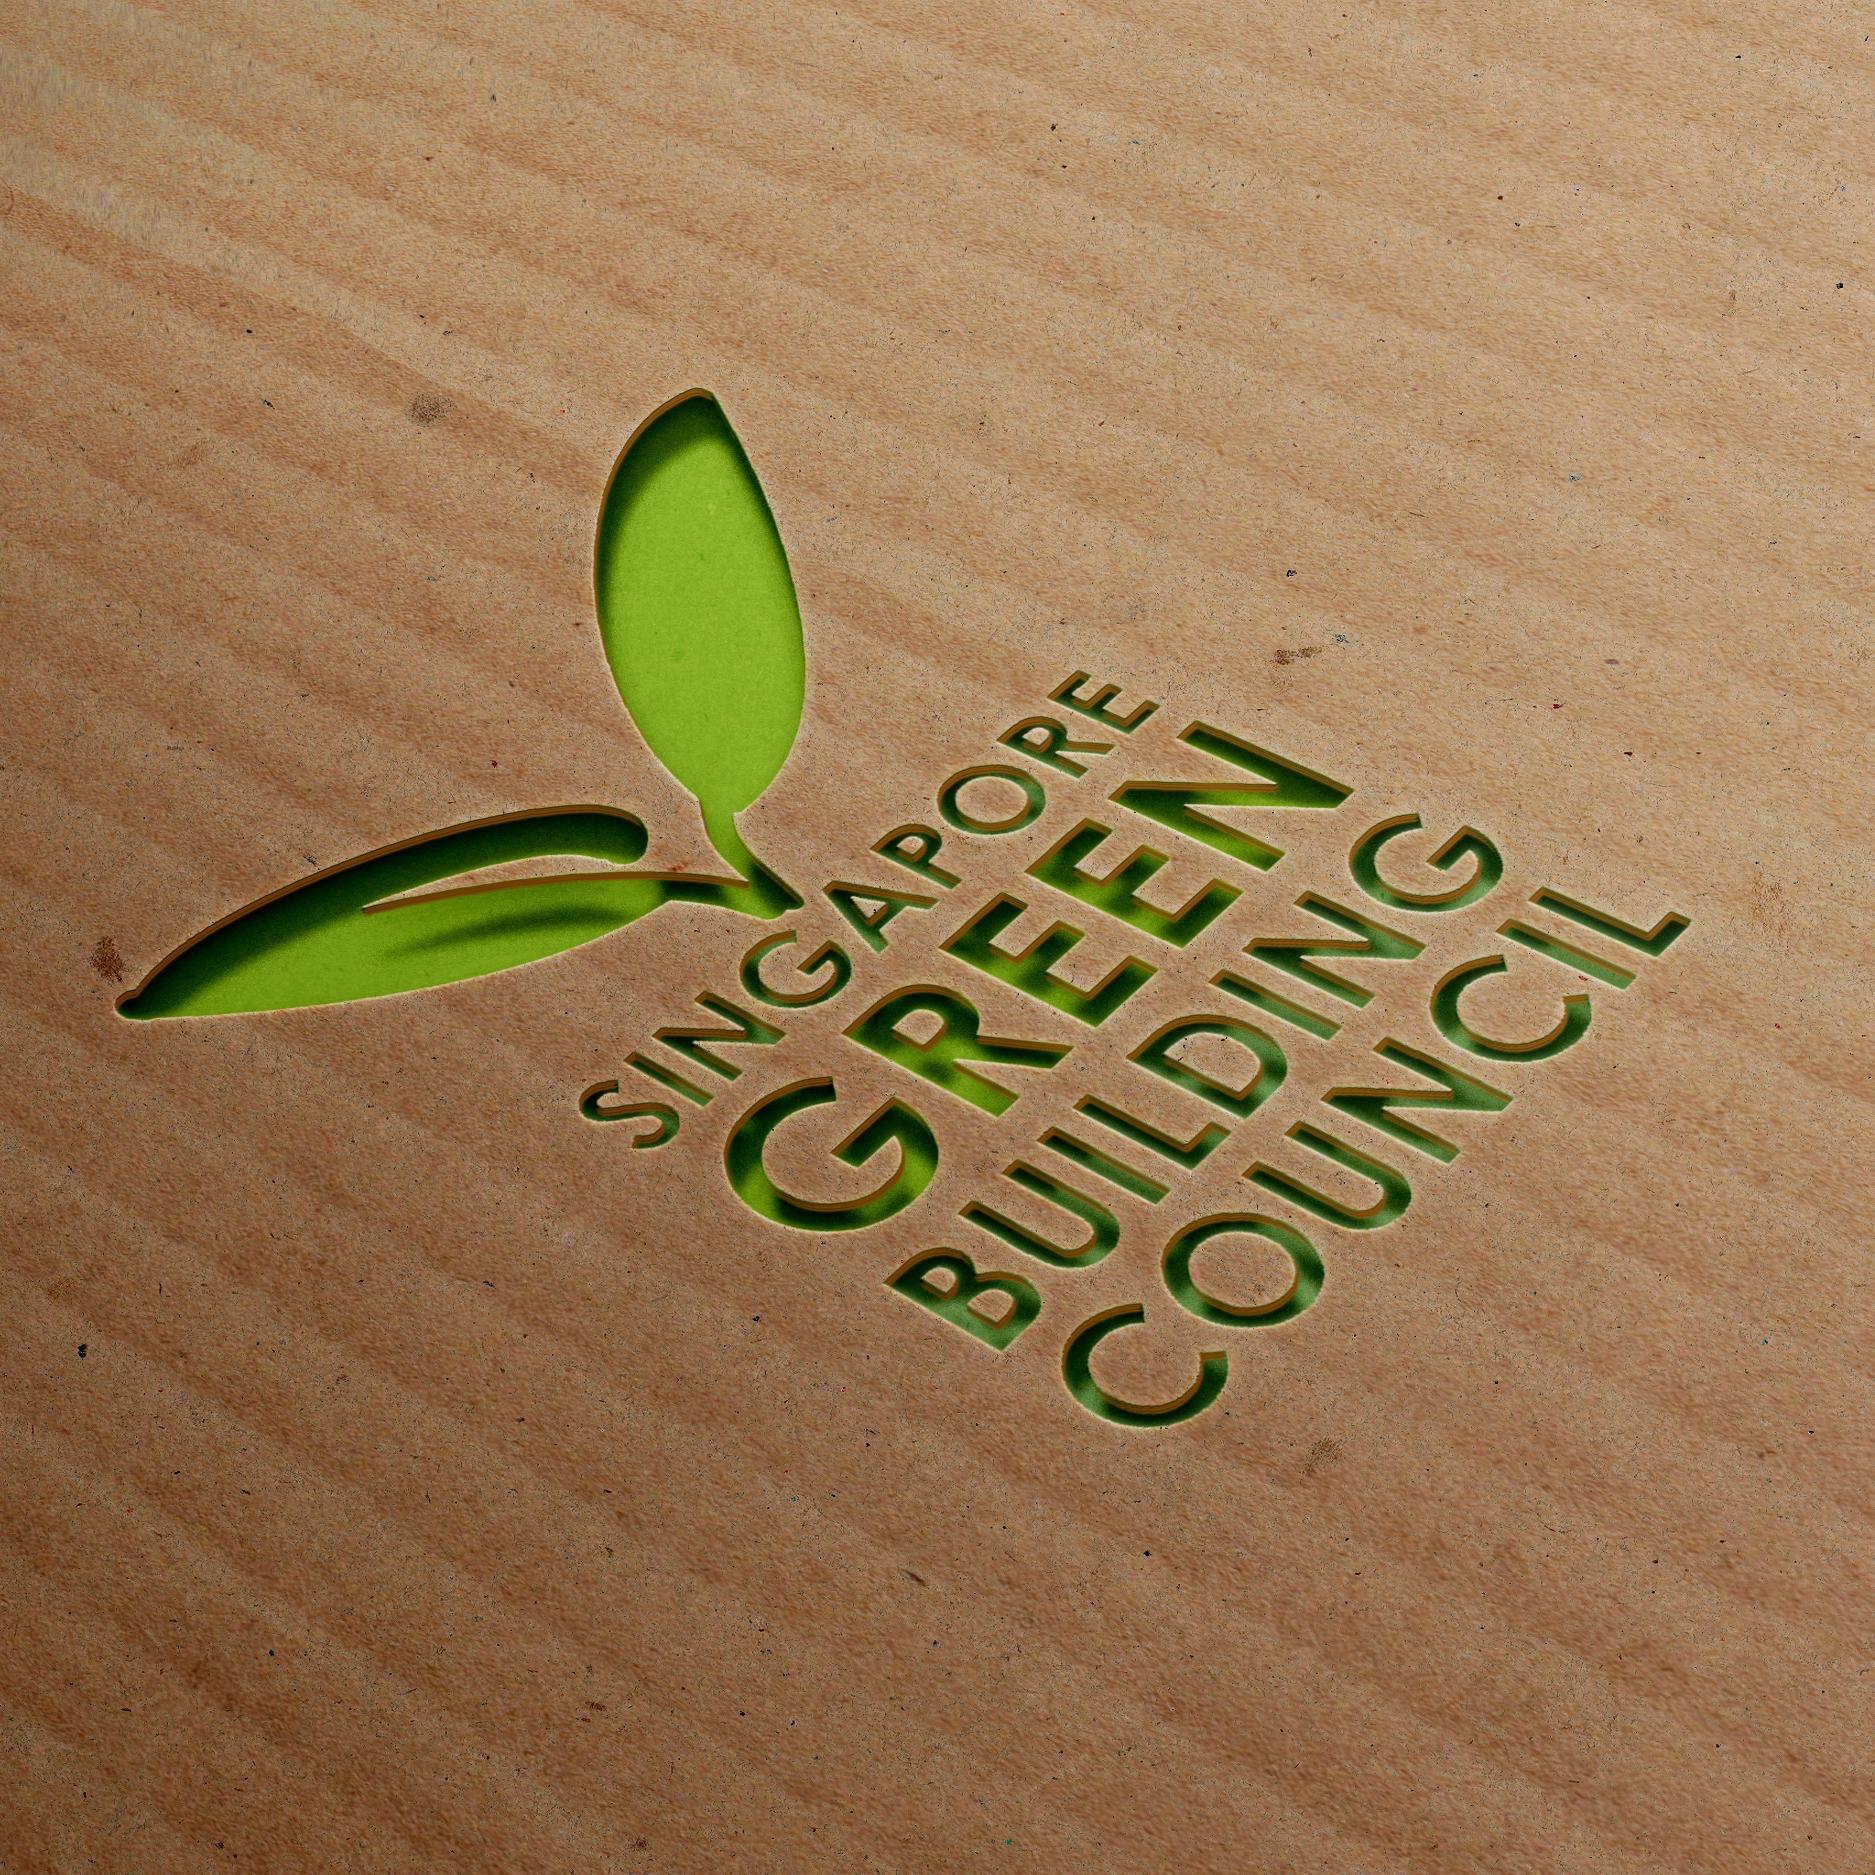 SGBC_Cutout.jpg